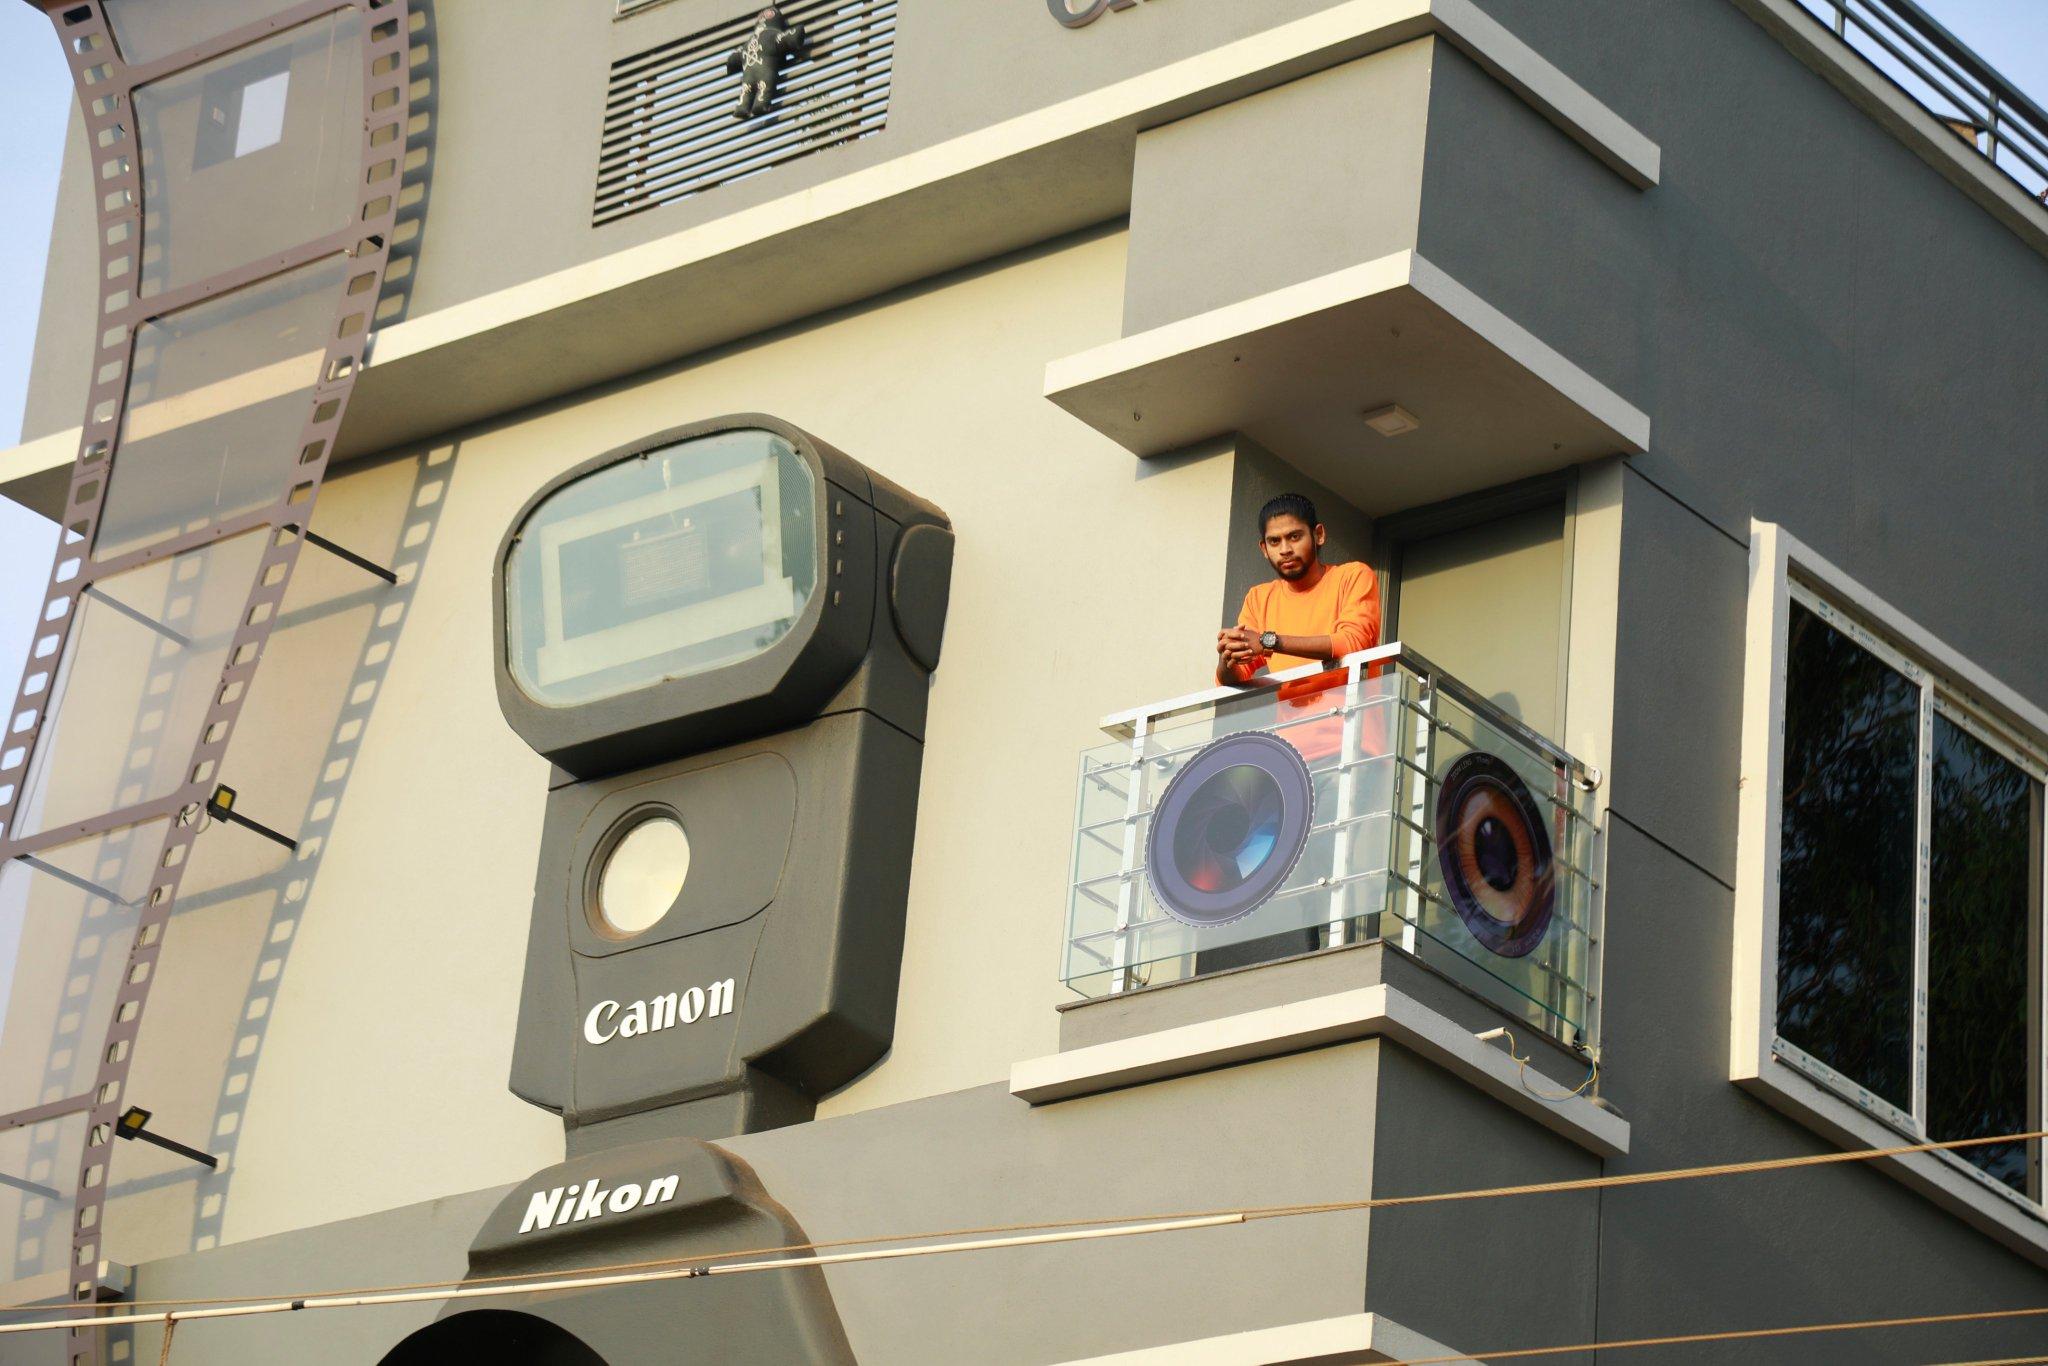 rumah berbentuk kamera di india